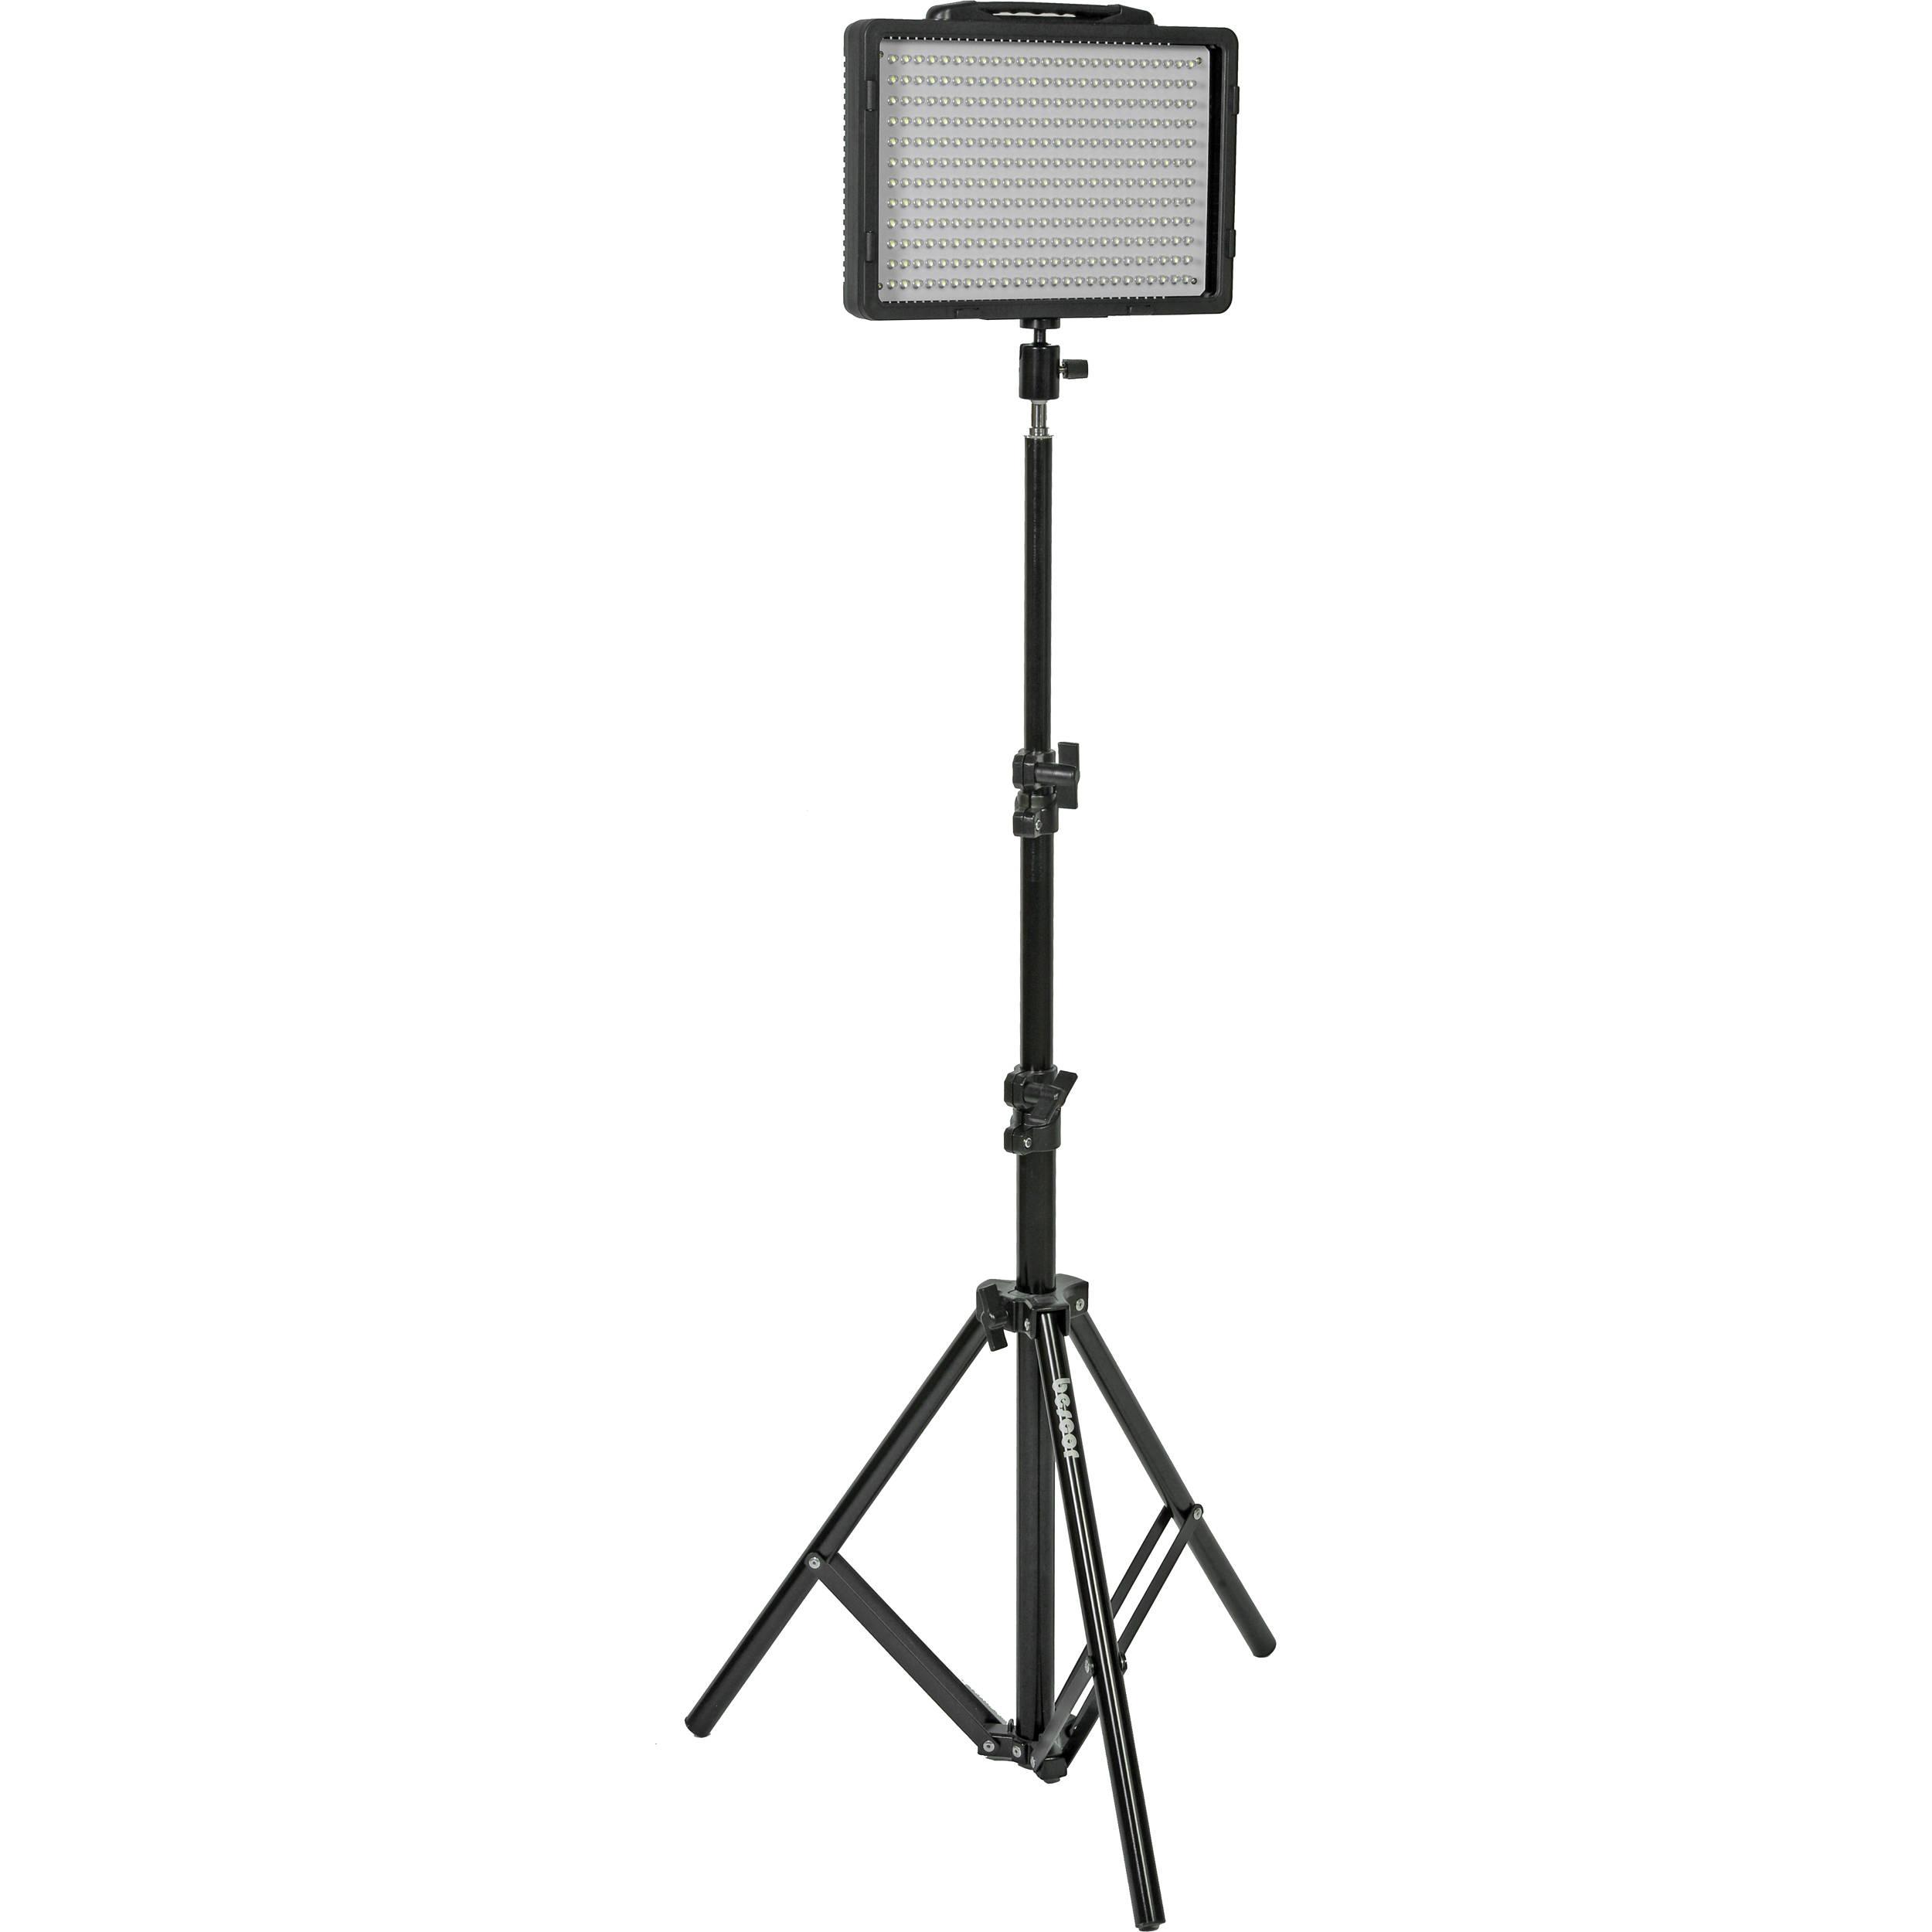 Bescor LED-200 LED Light & Stand Kit LED-200S B&H Photo